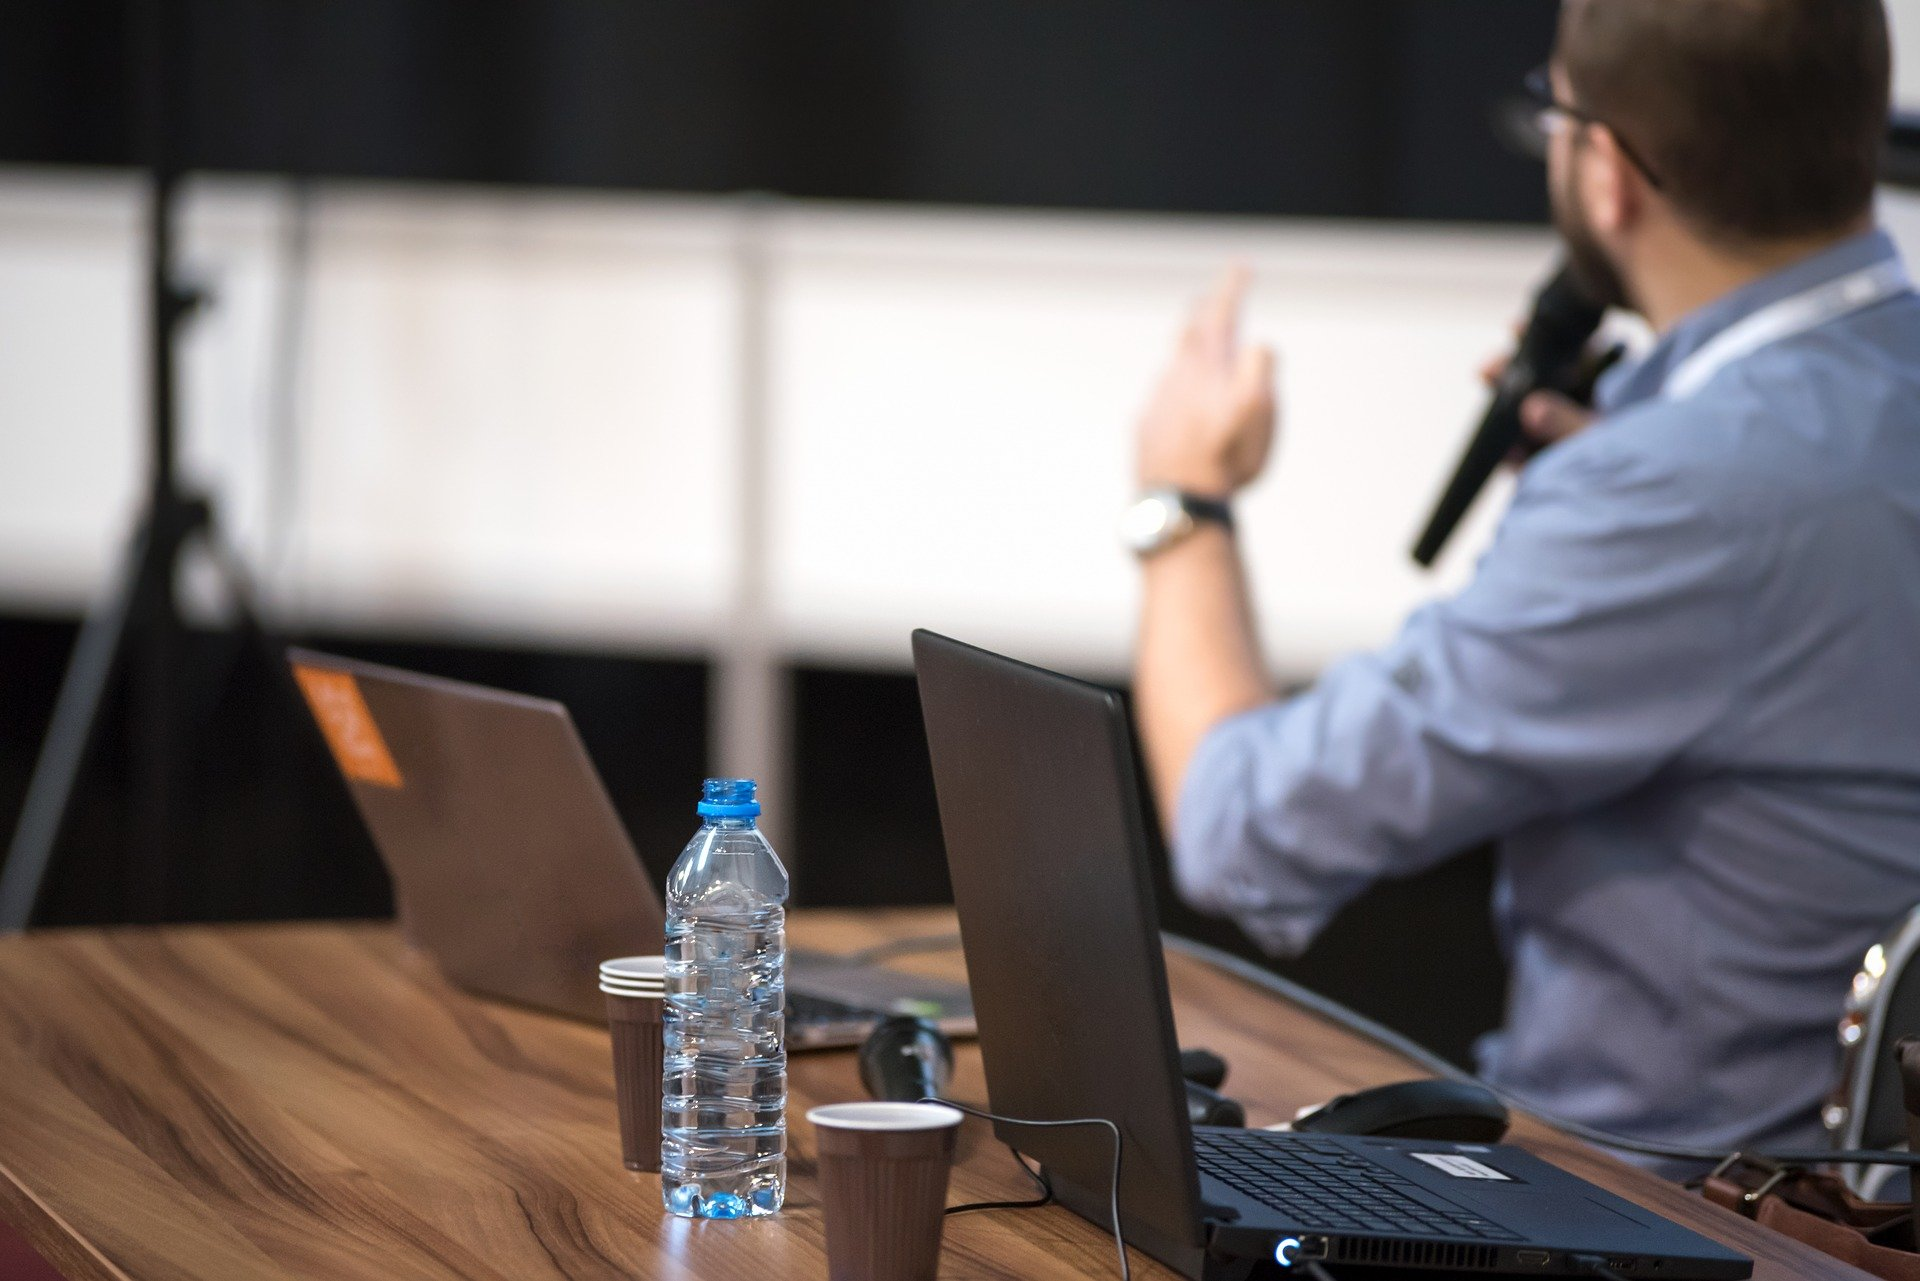 Foto de um homem apresentando em um evento com computador perto. Imagem ilustrativa para o texto feira de franquias.